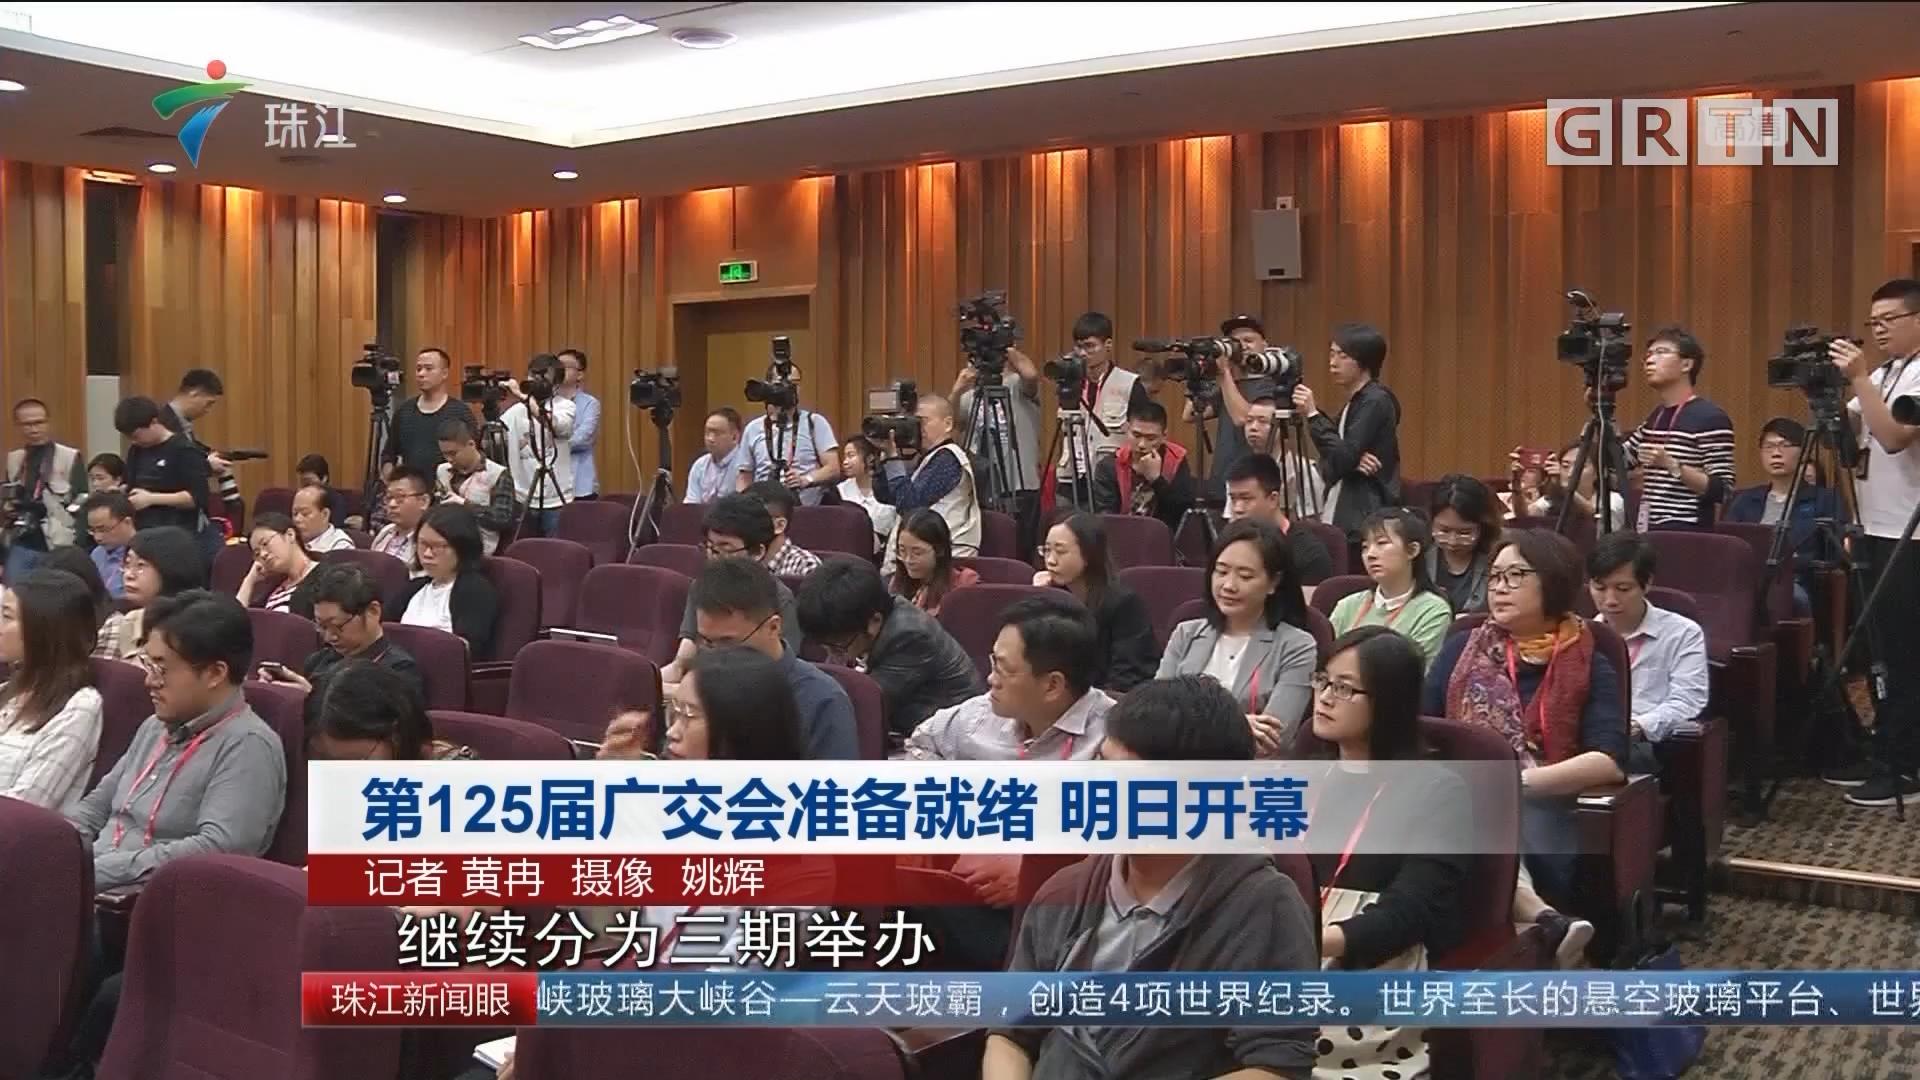 第125届广交会准备就绪 明日开幕